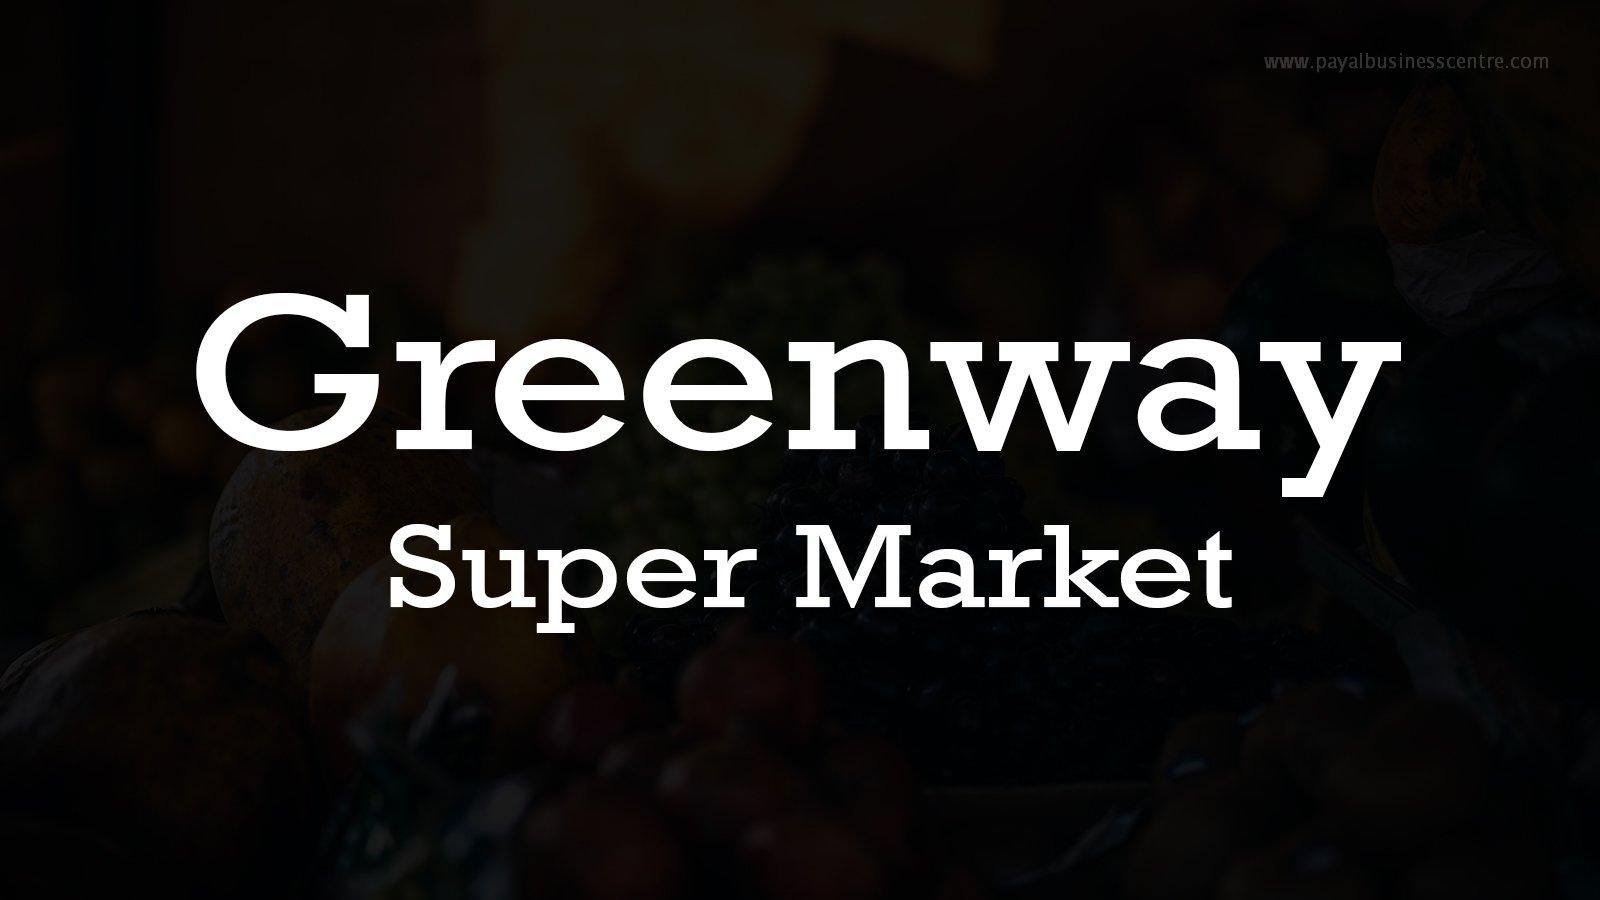 Greenway Super Market